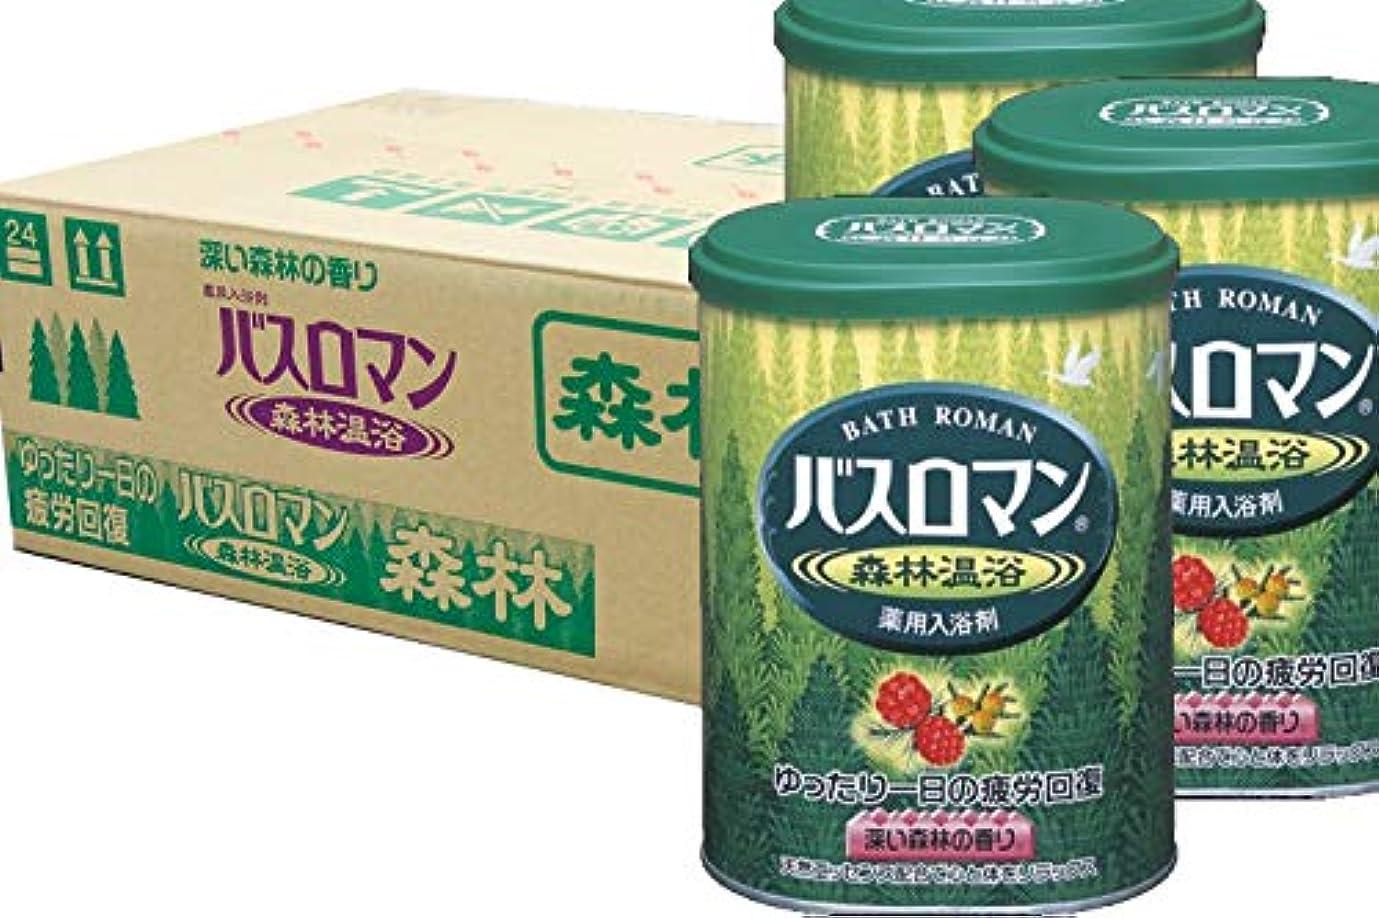 オセアニアスムーズにすずめアース製薬 バスロマン 森林温浴 680g(入浴剤)×12点セット (4901080536112)